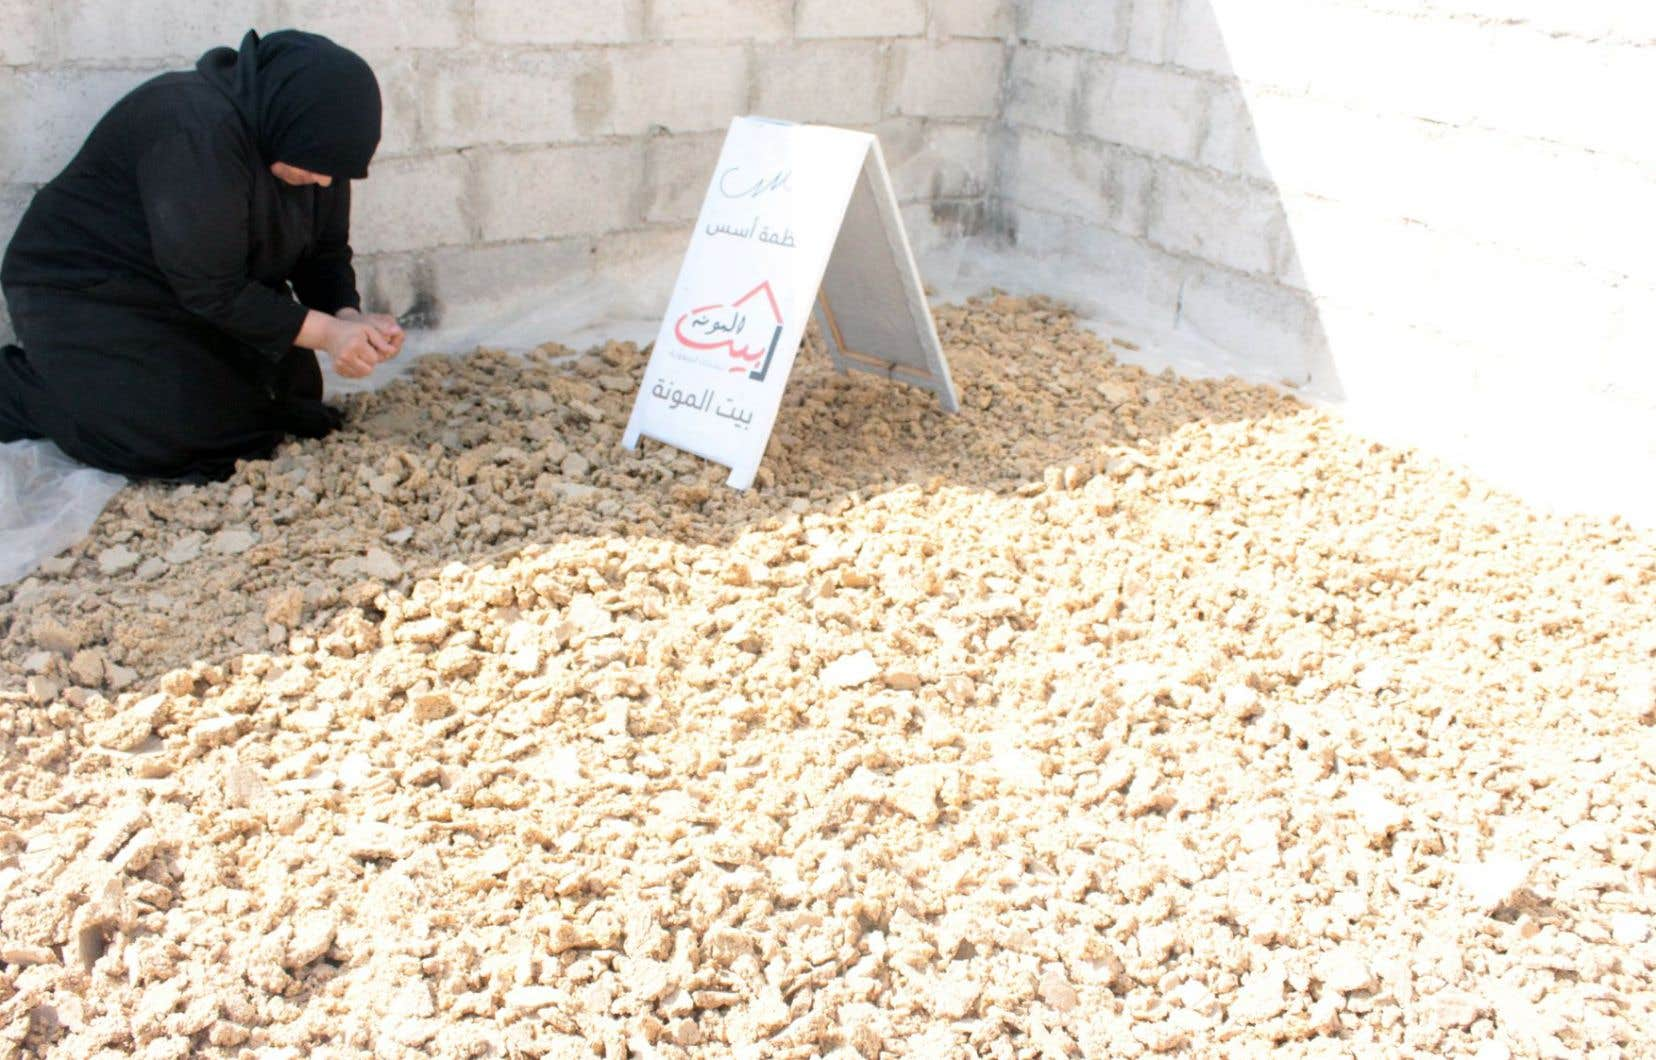 Hayfa nettoie le blé qui sera utilisé pour faire du kechek, une préparation de yogourt fermenté et de blé concassé qui fera partie du panier alimentaire.